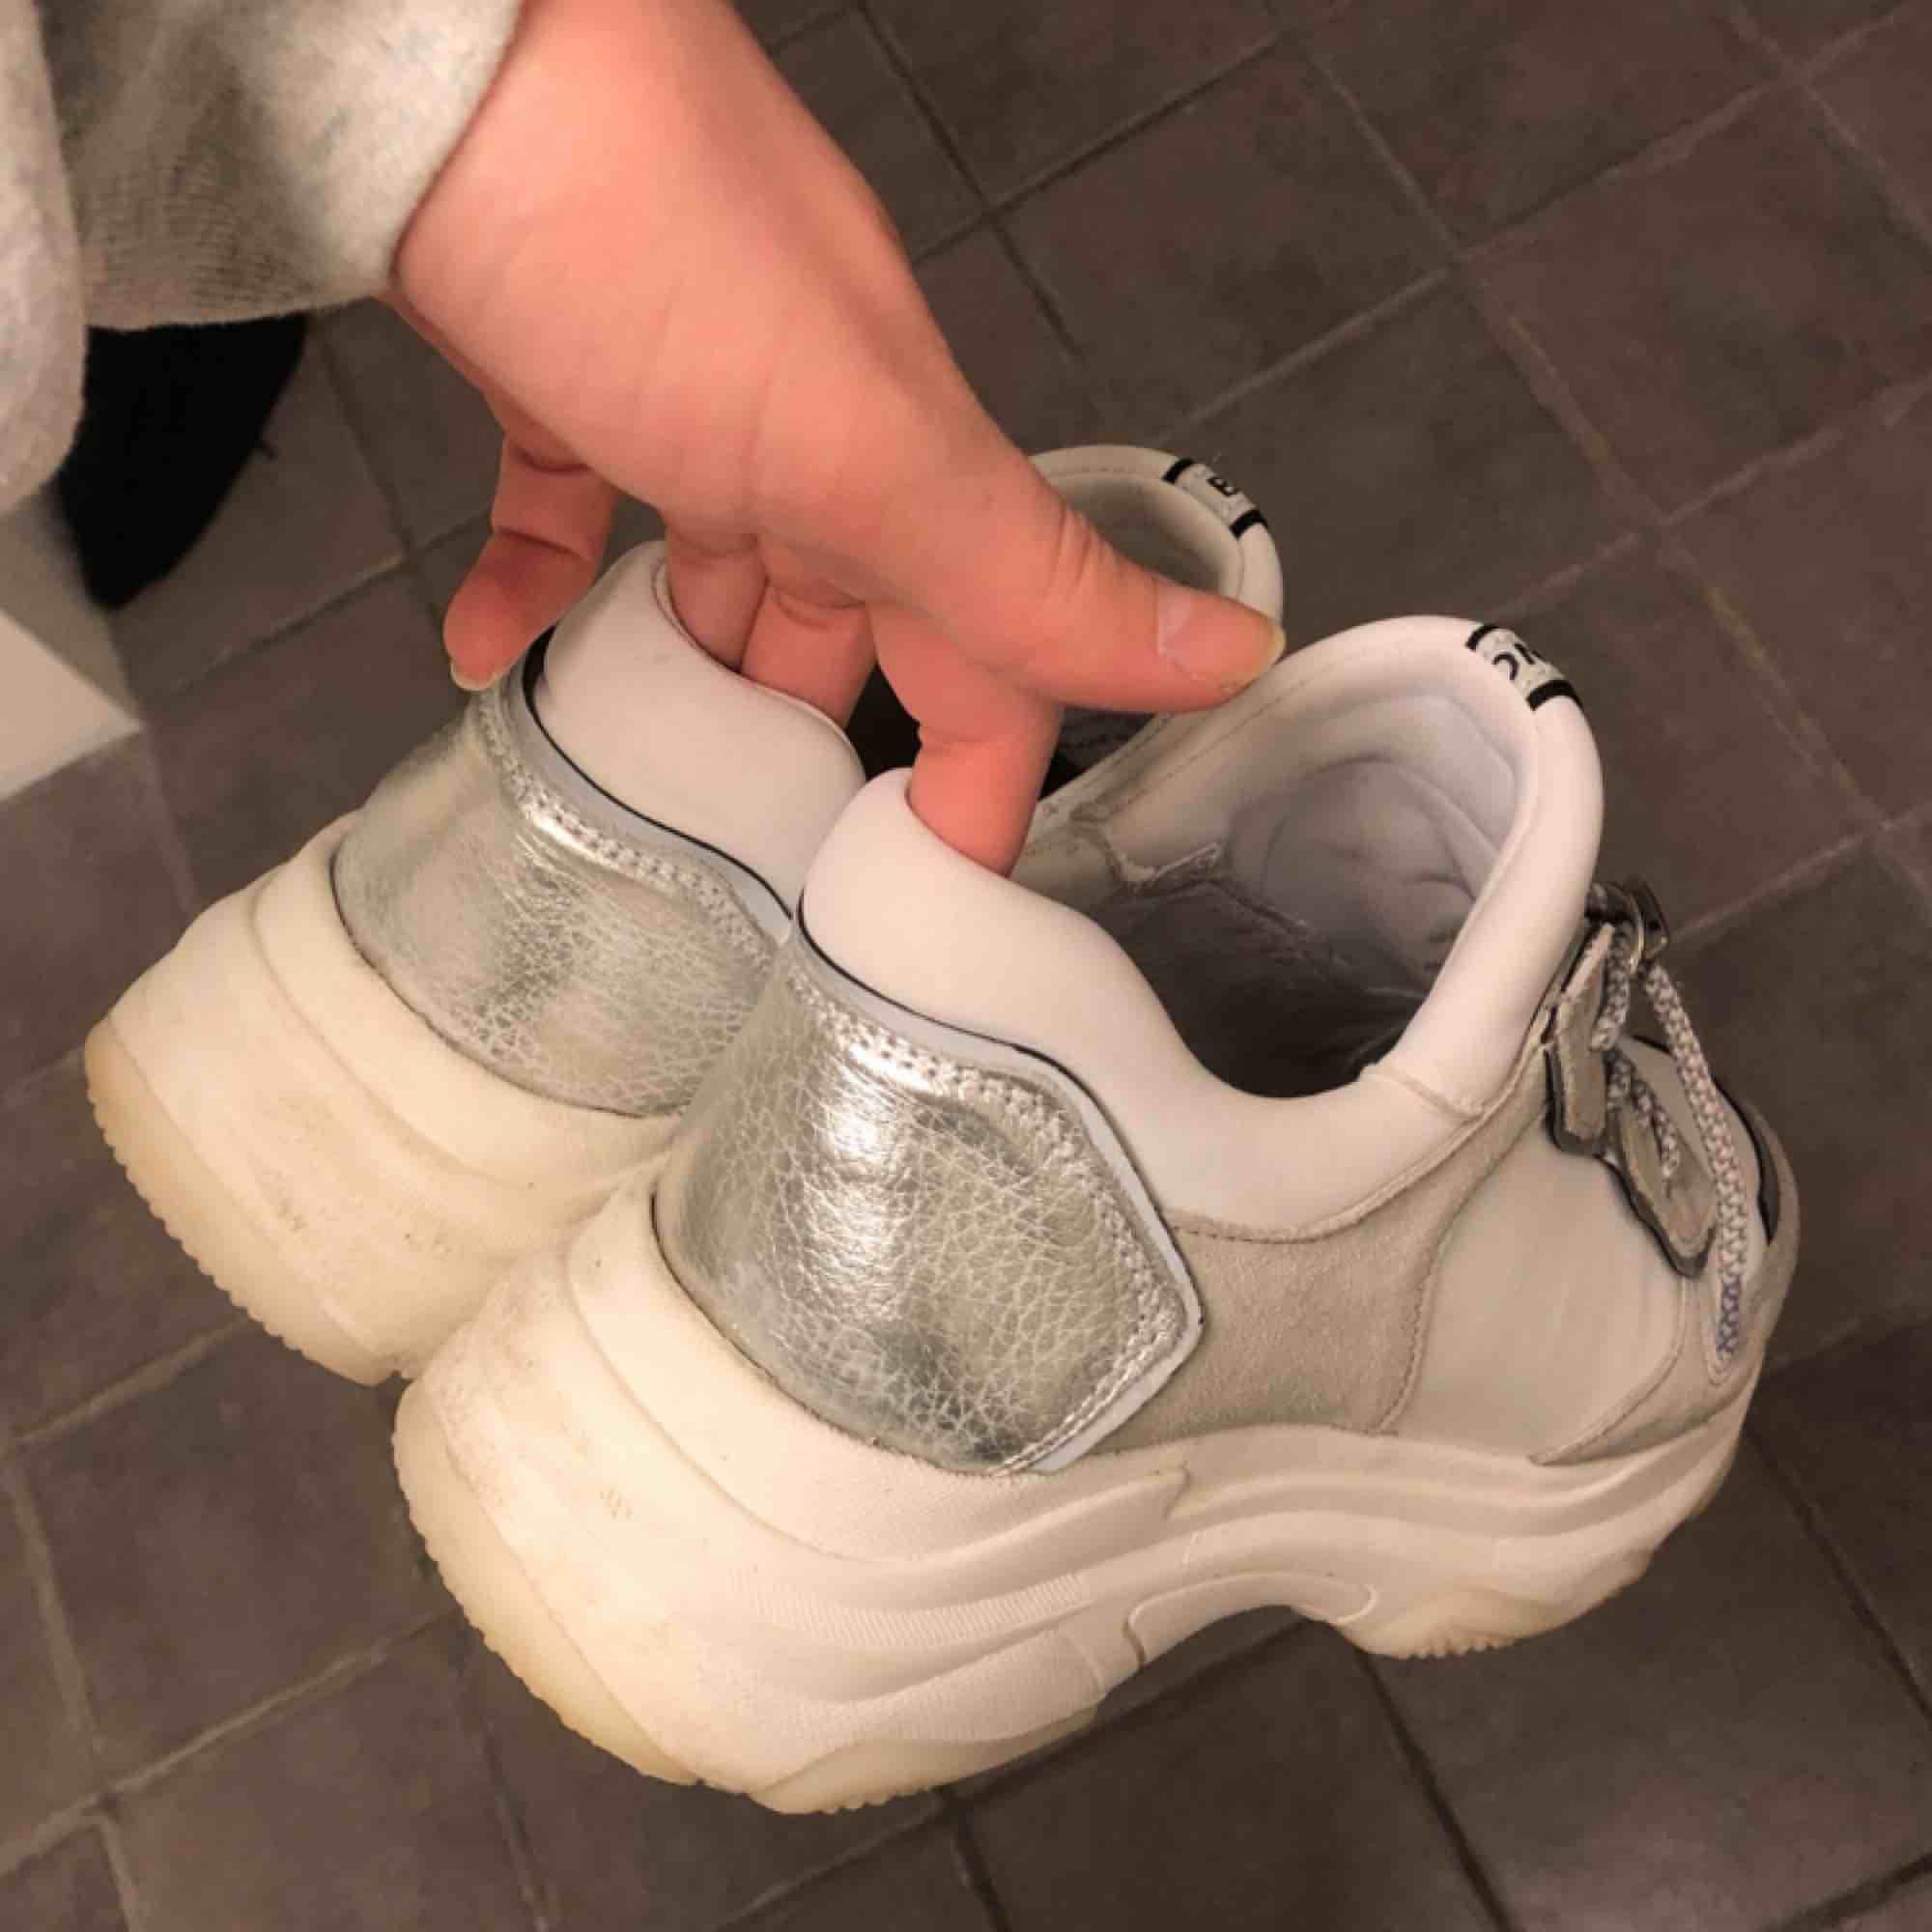 Jättesnygga chunky sneakers ifrån märket Bronx, använda hyfsat mycket men fortfarande väldigt bra skick då jag tagit hand om dem! :) köpta för ca 1500 och frakten ingår! Pris kan diskuteras. Skor.